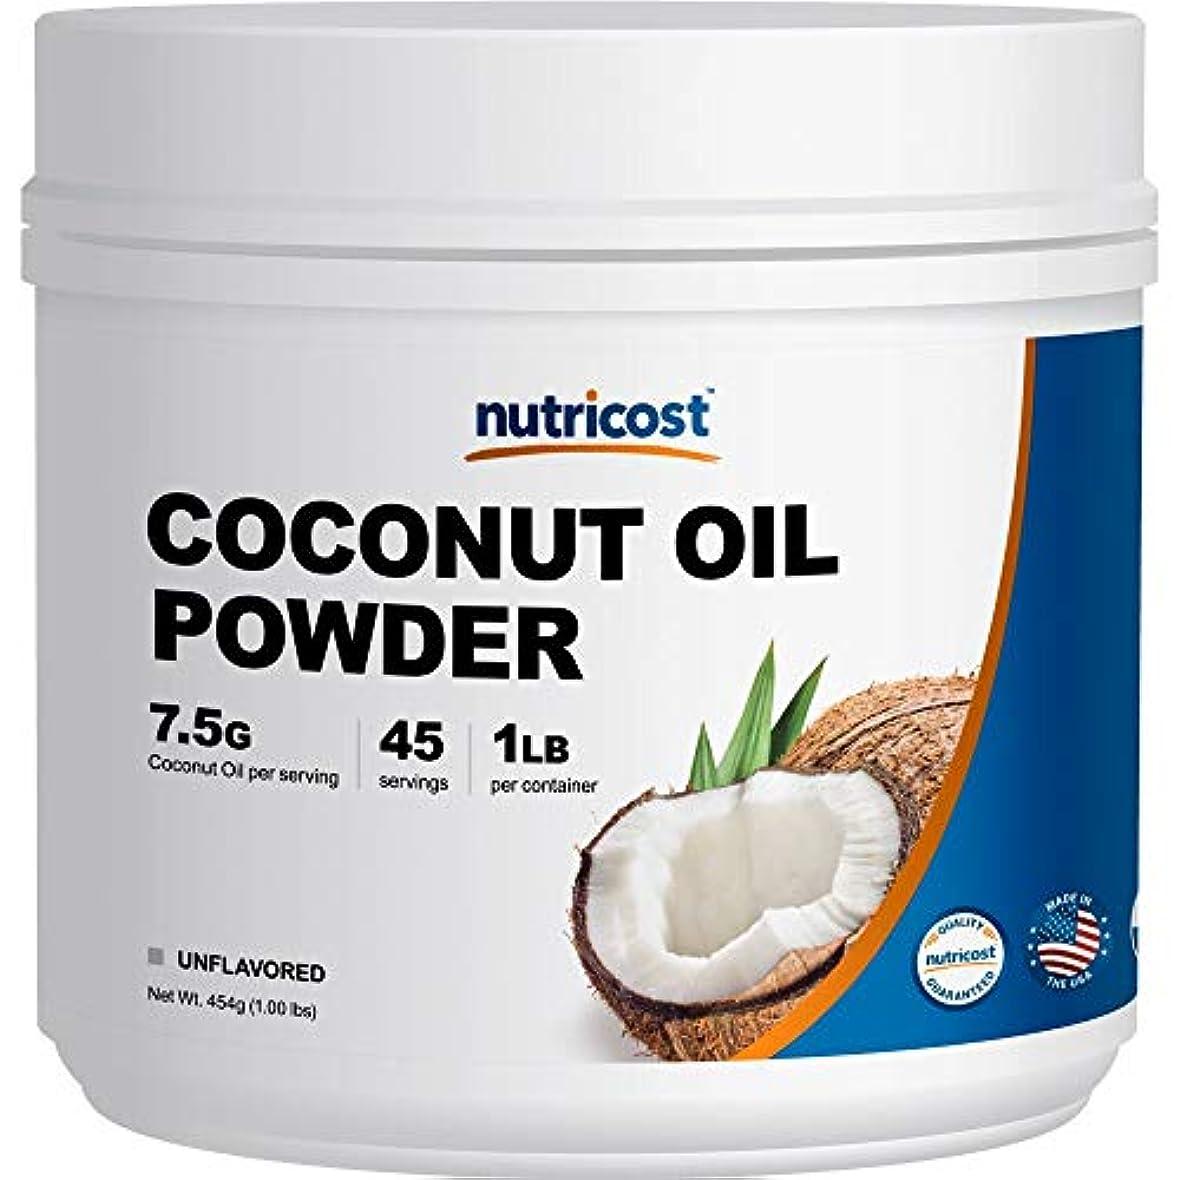 うっかり敬意を表するおっとNutricost ココナッツオイルパウダー 1LB、45食分、非GMO、グルテンフリー